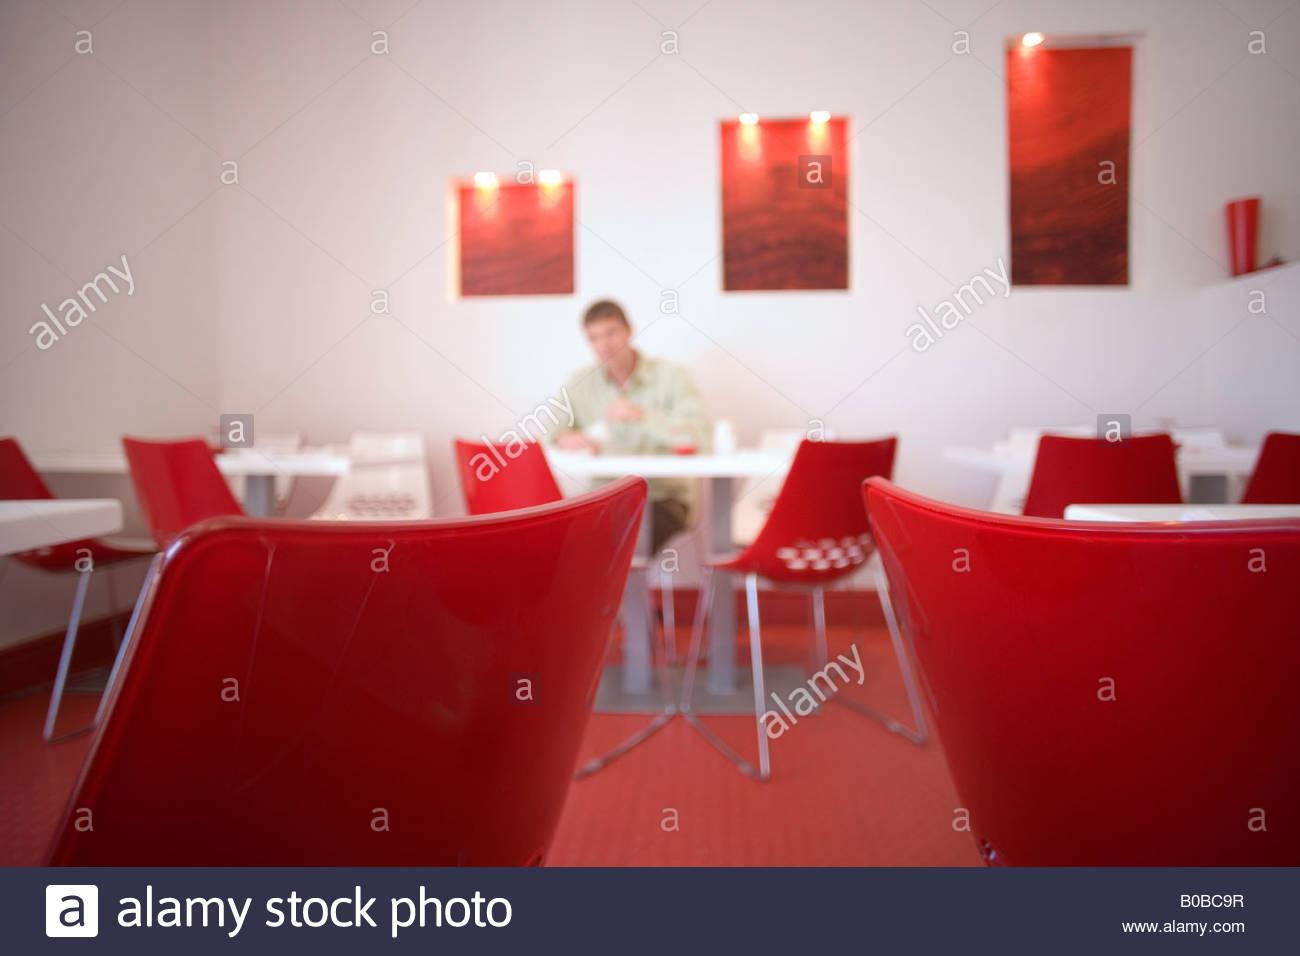 L'homme assis à table dans un café moderne avec un décor rouge et blanc, l'accent sur table et chaises en premier Banque D'Images